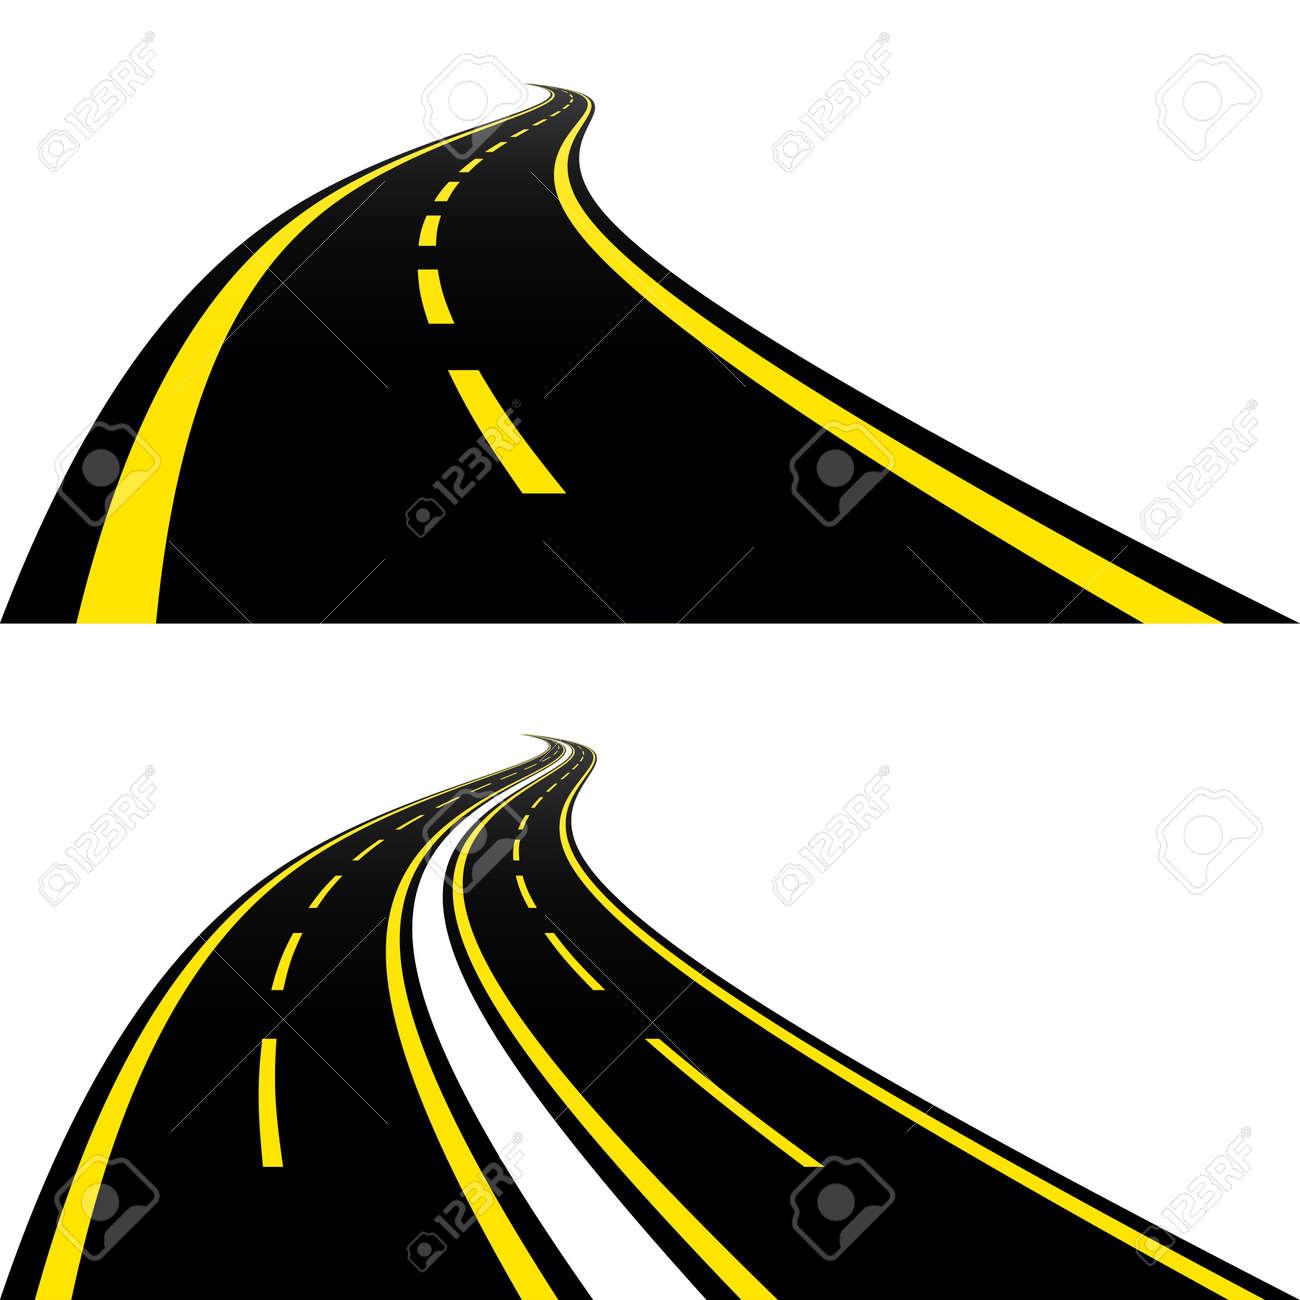 Roads - 12486199